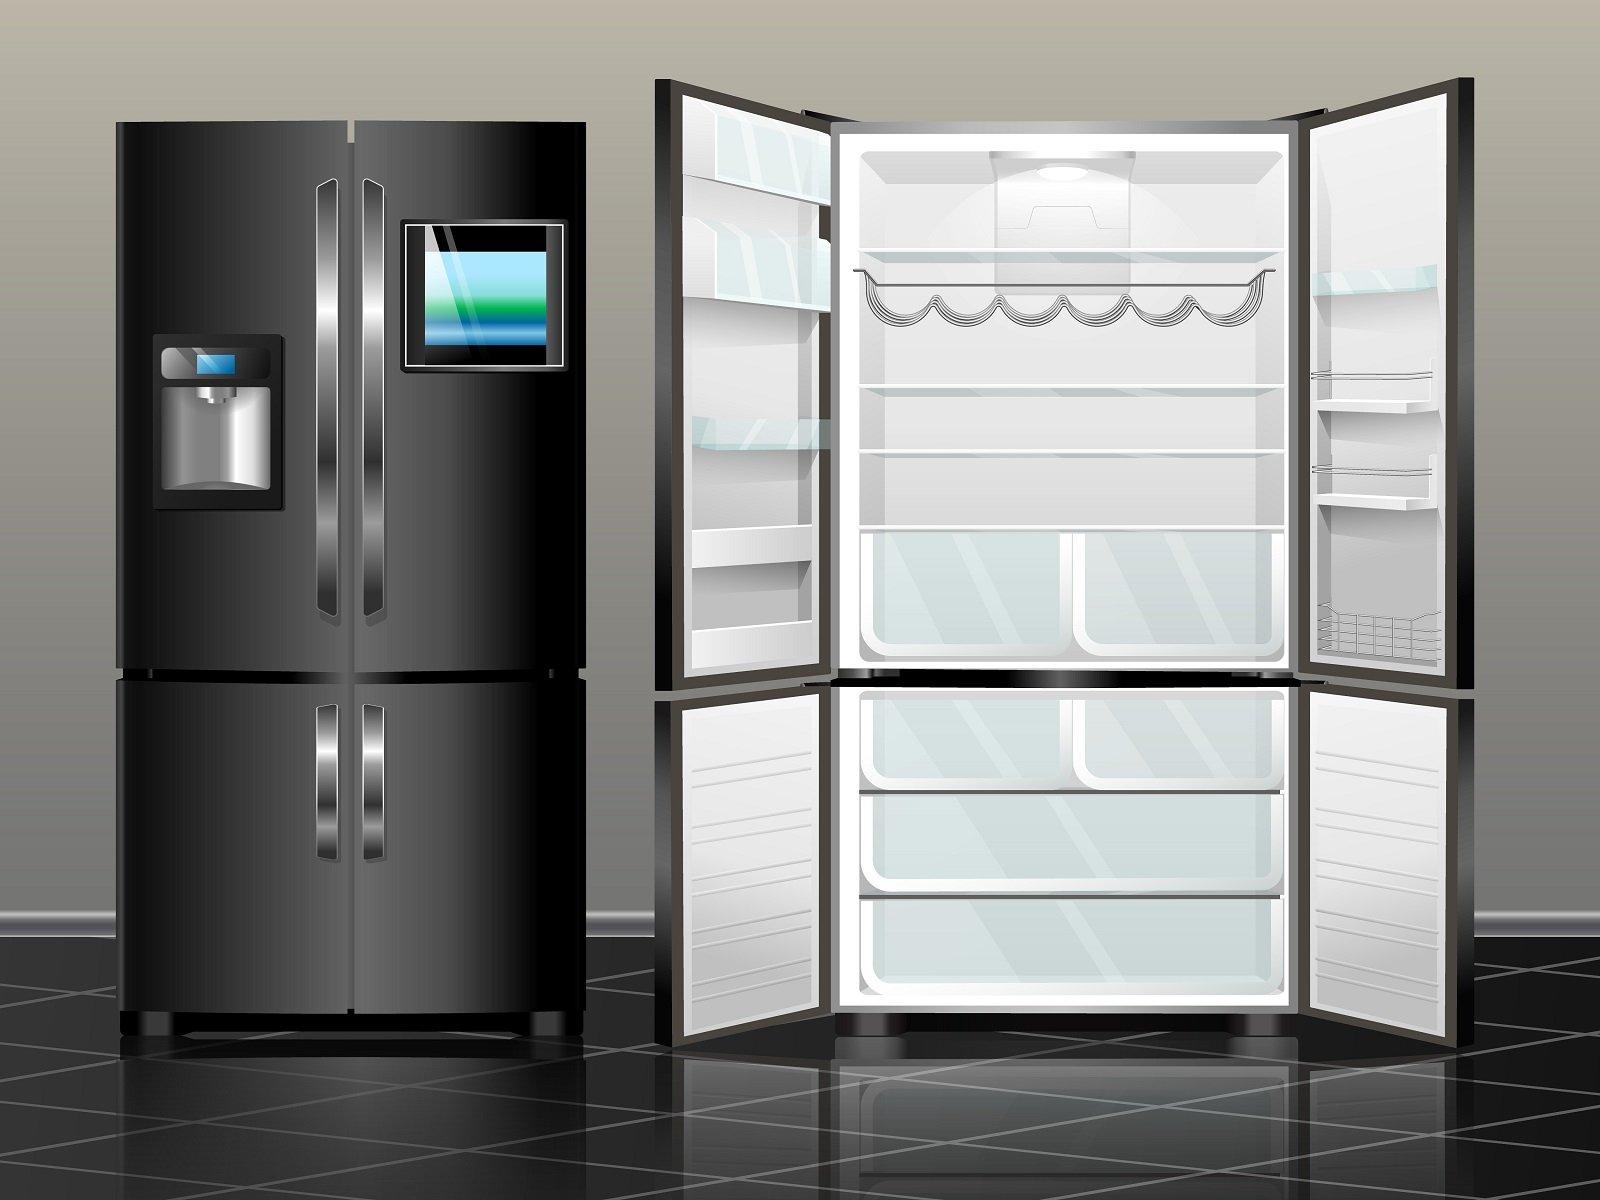 frigorifero aperto e chiuso